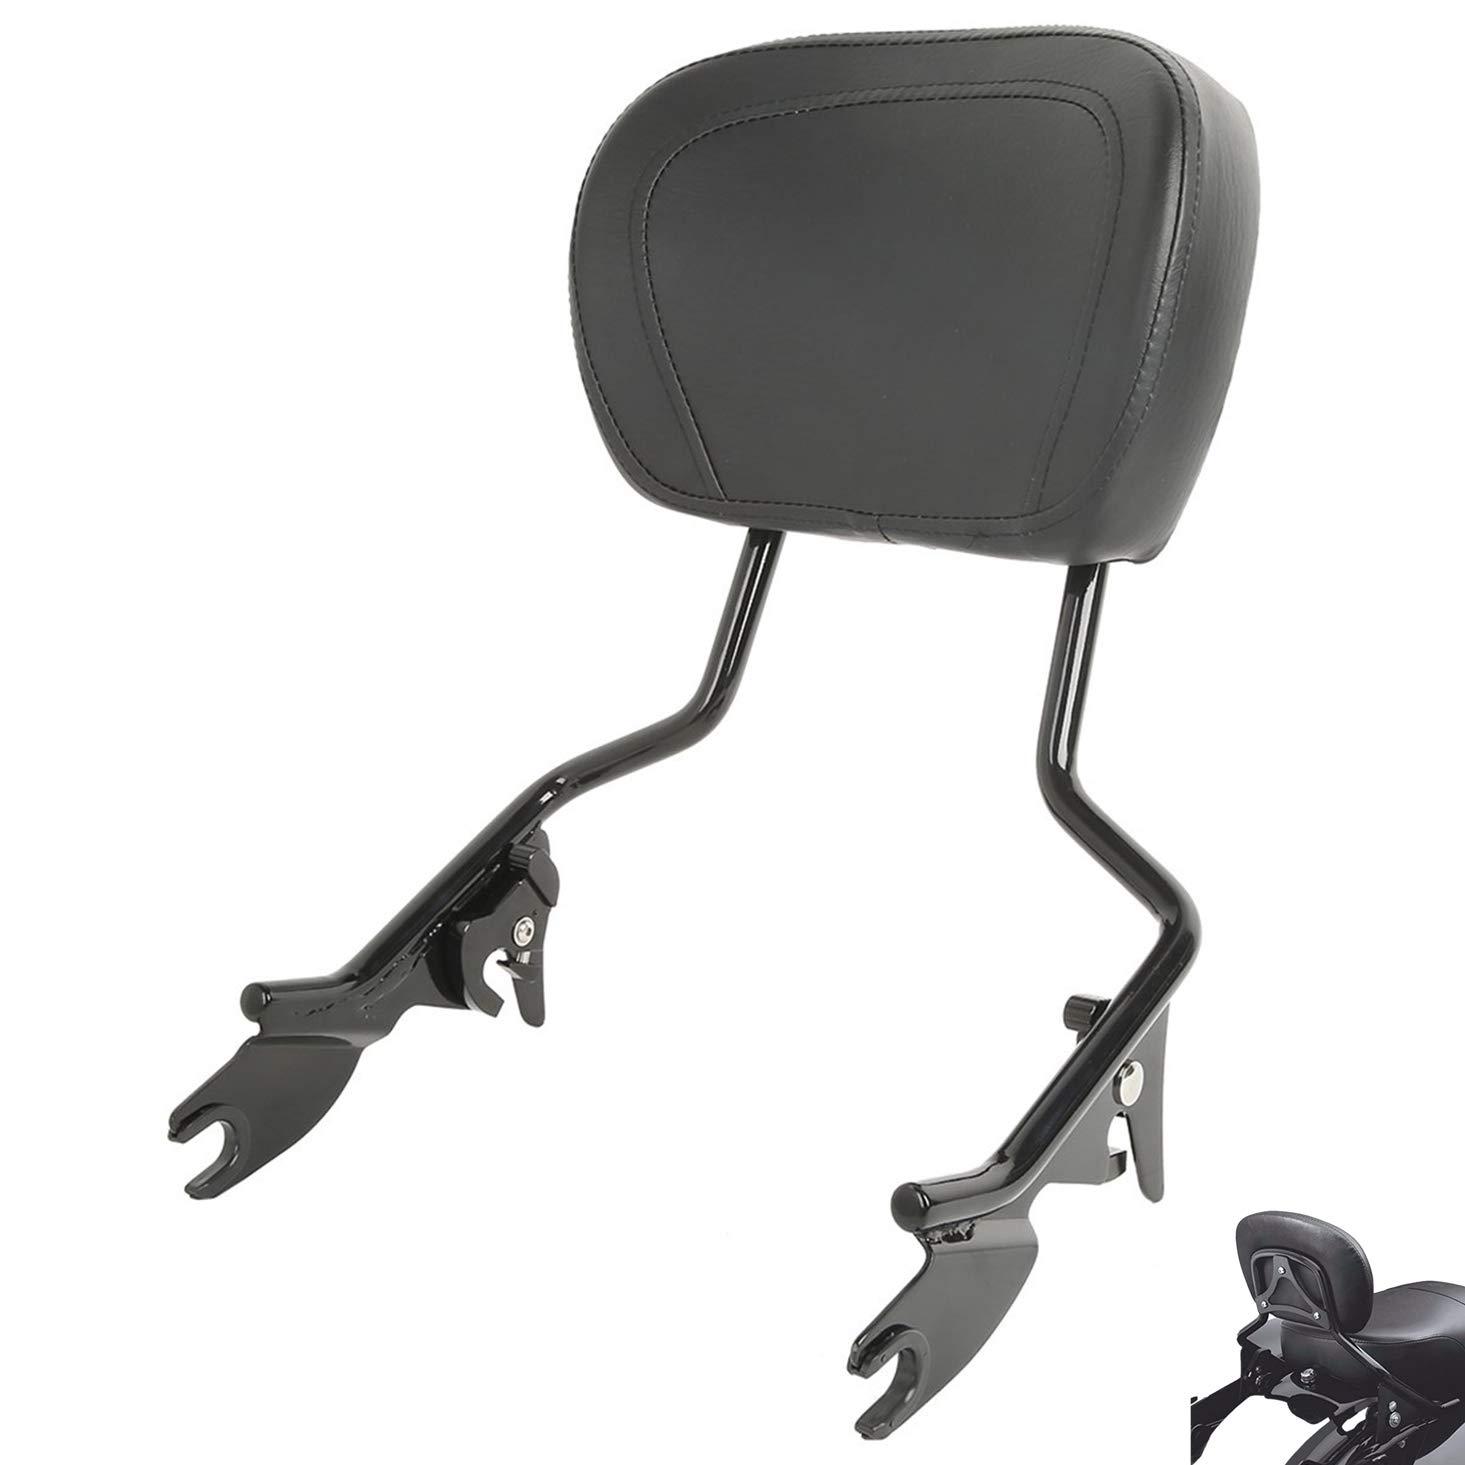 AUFER Detachable Backrest Sissy Bar Upright Passenger Backrest w/Pad for Touring Road King Street Glide FLHR FLHX FLHT FLTR 2009-2018 by AUFER